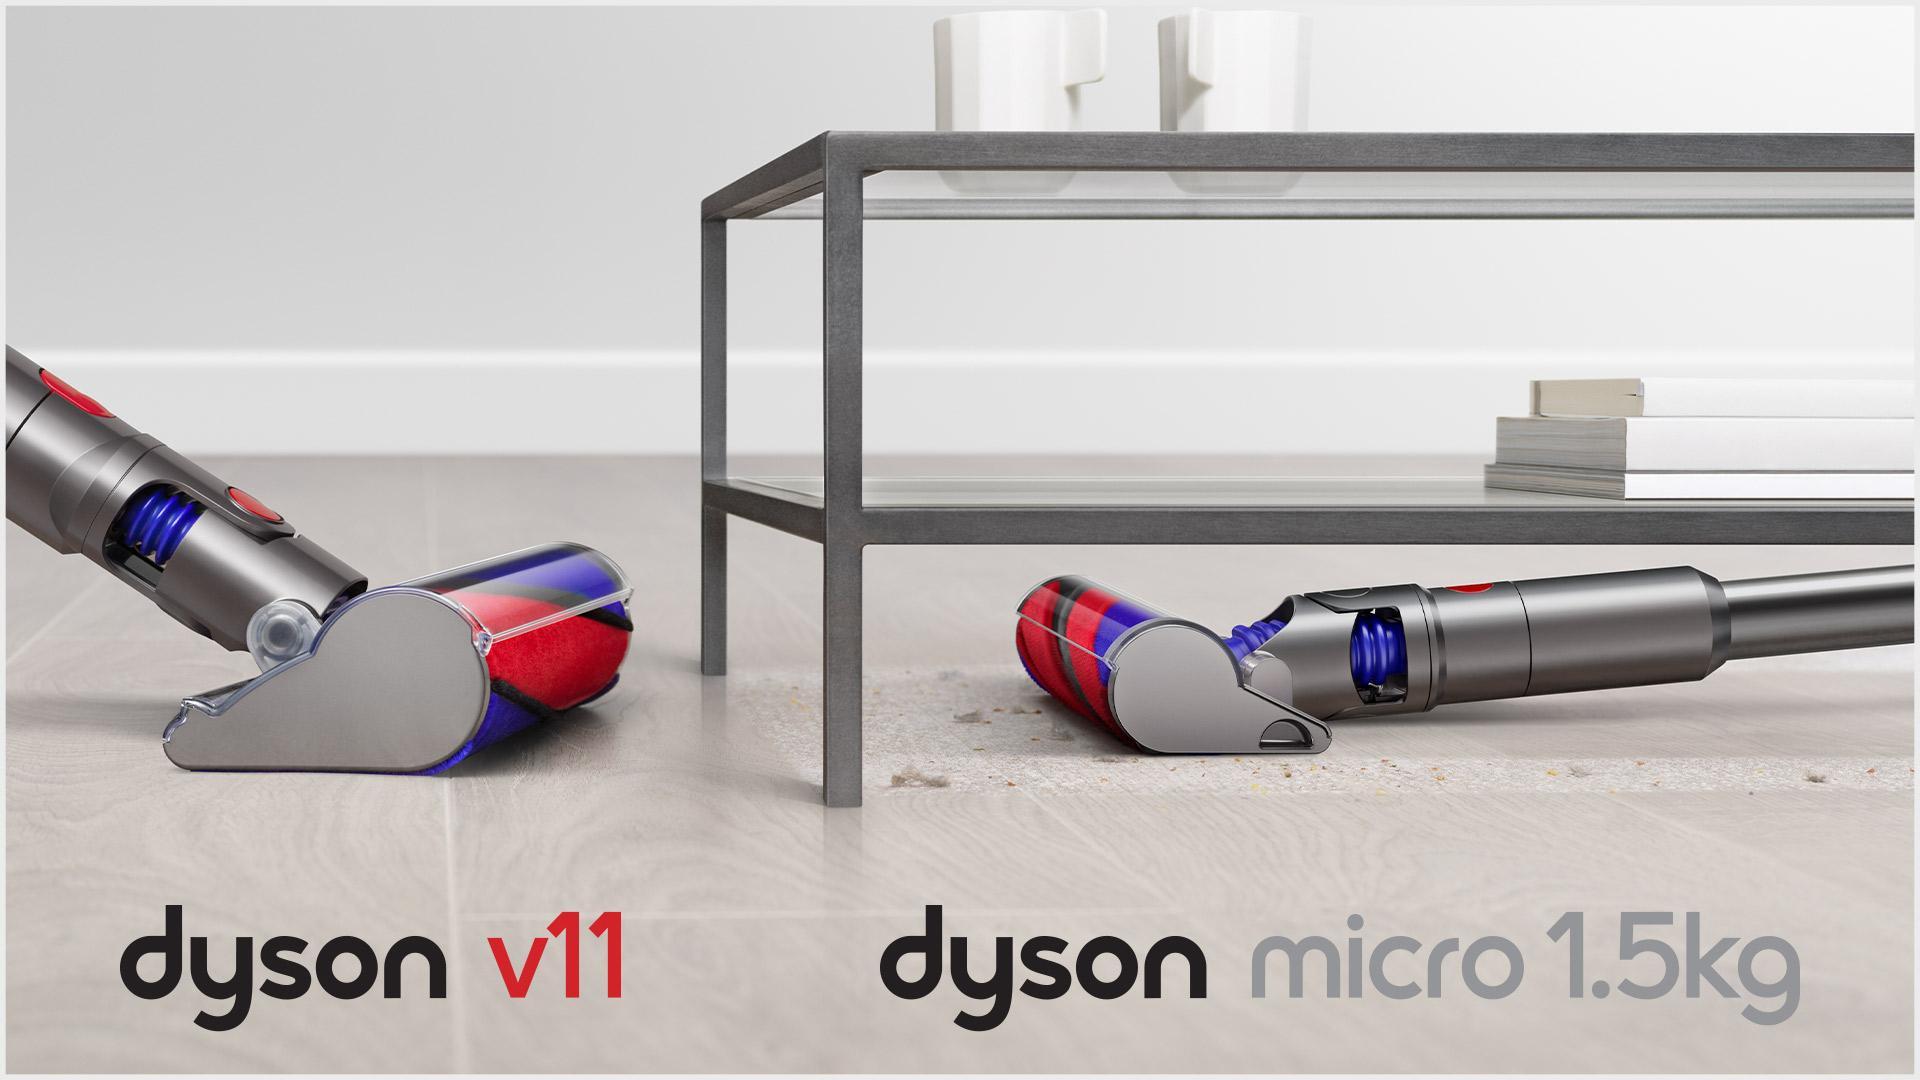 極輕量軟絨毛滾筒吸頭清潔傢具下方